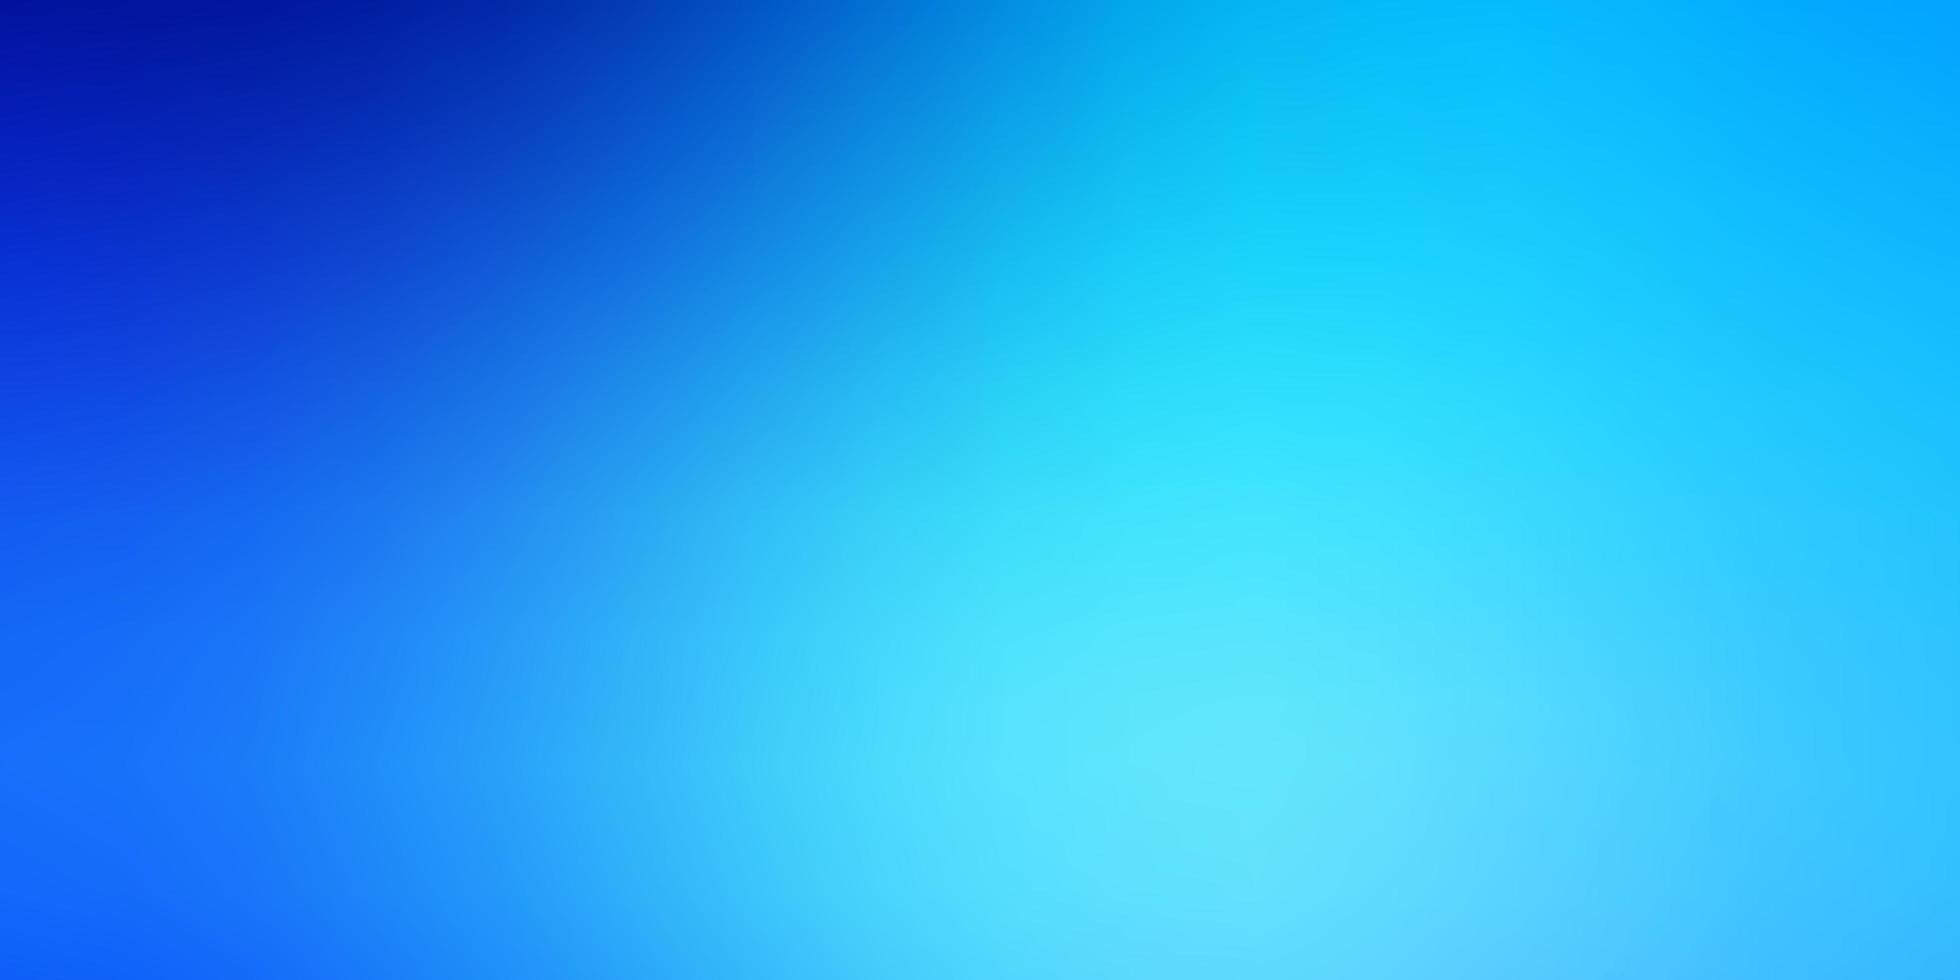 ljusblå färgglad oskärpa bakgrund. vektor